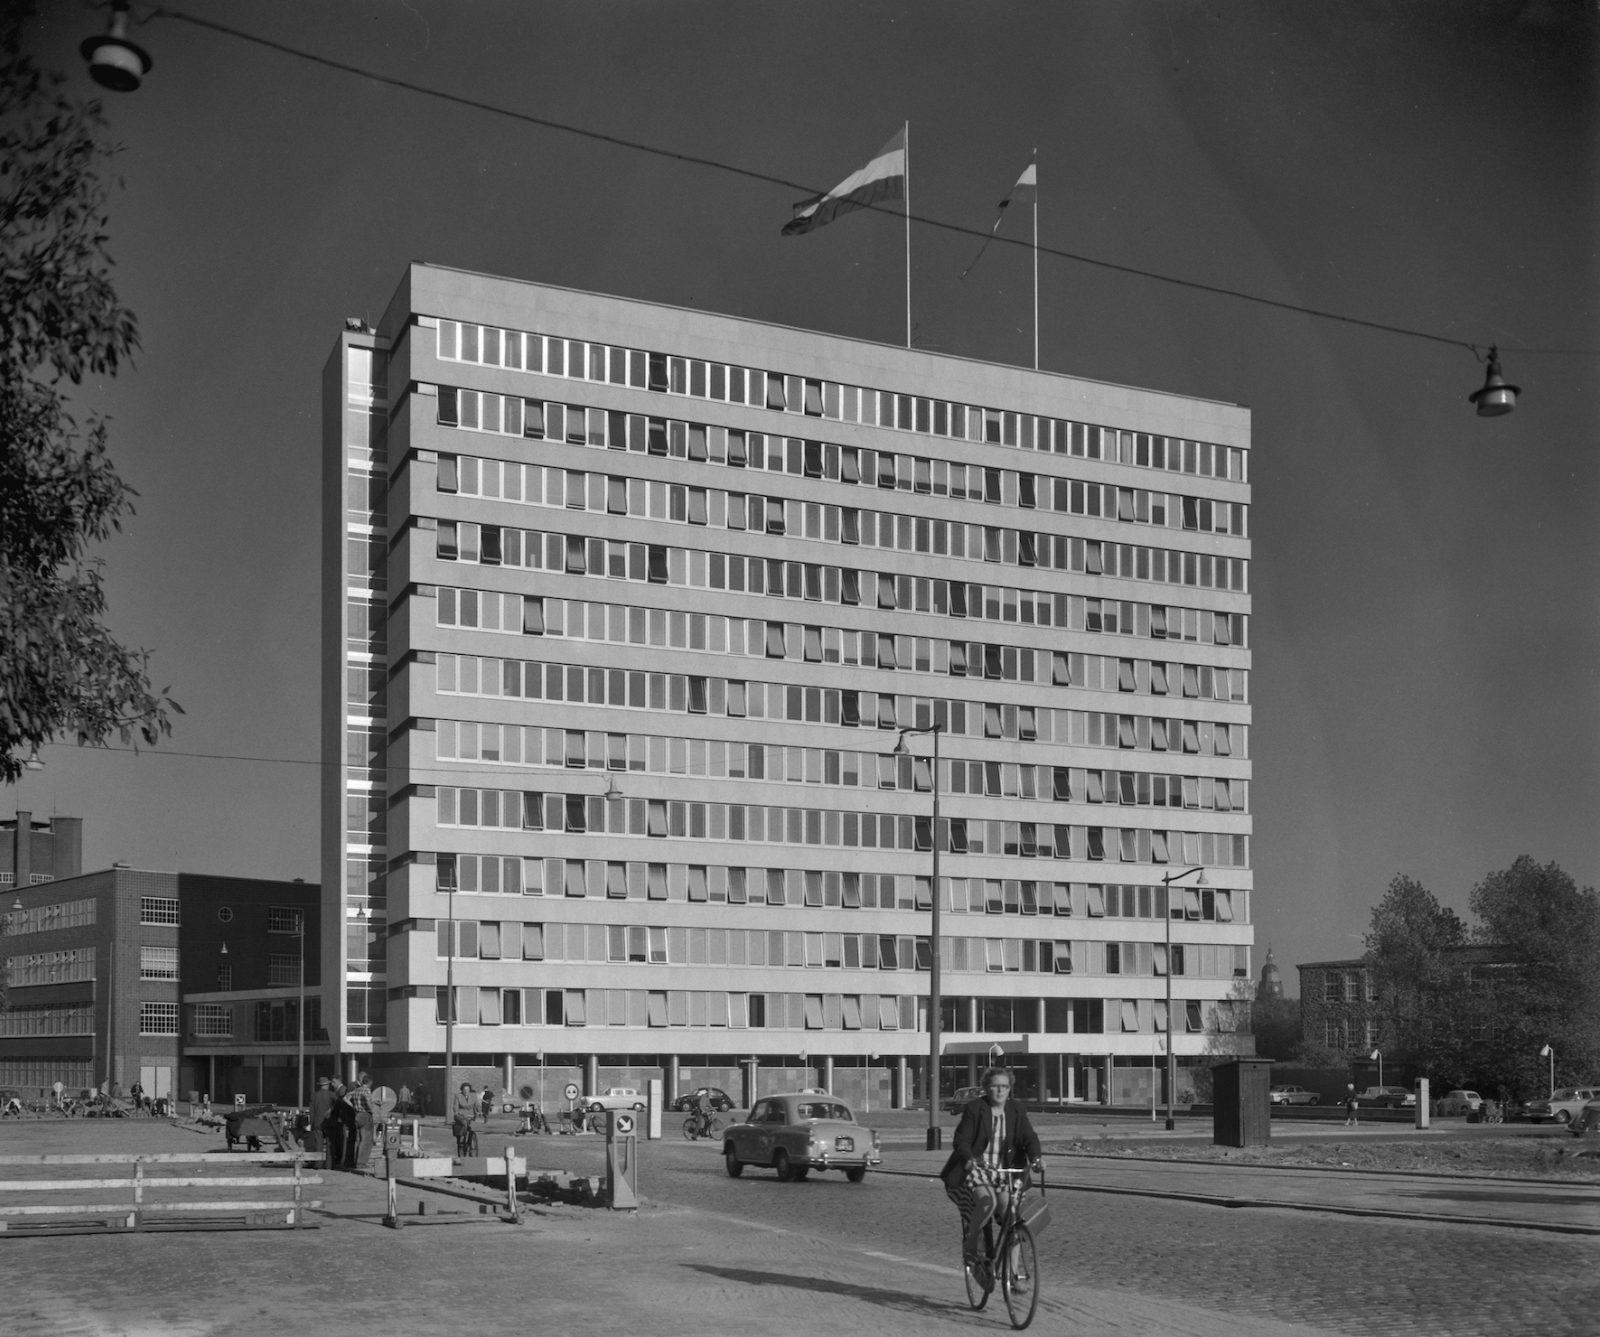 Unilever 1959 NL Ha NA 2 24 01 04 0 910 7158